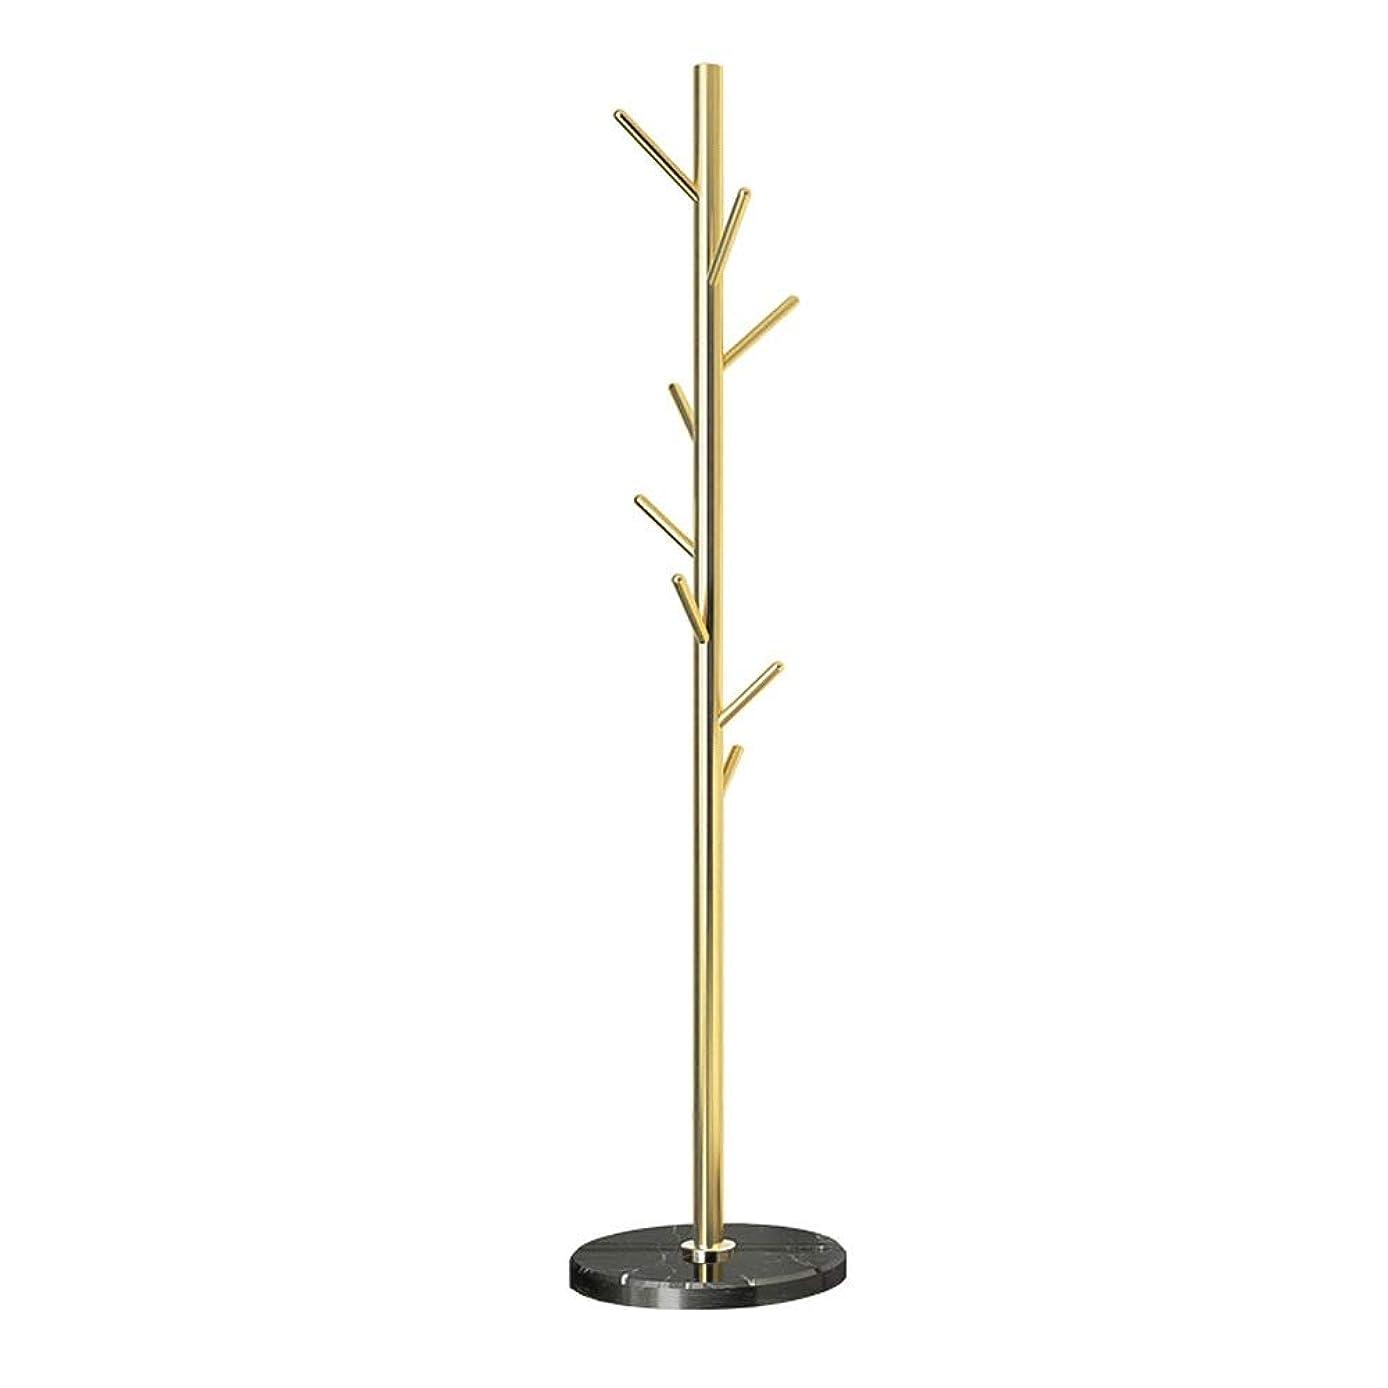 円形の粒育成シンプル 耐久性のある北欧スタイルのメタルコートラックスタンド玄関ホールツリーコートツリーの帽子の帽子の服の財布スカーフハンドバッグ傘 (Color : Gold, Size : 38×38×181cm)